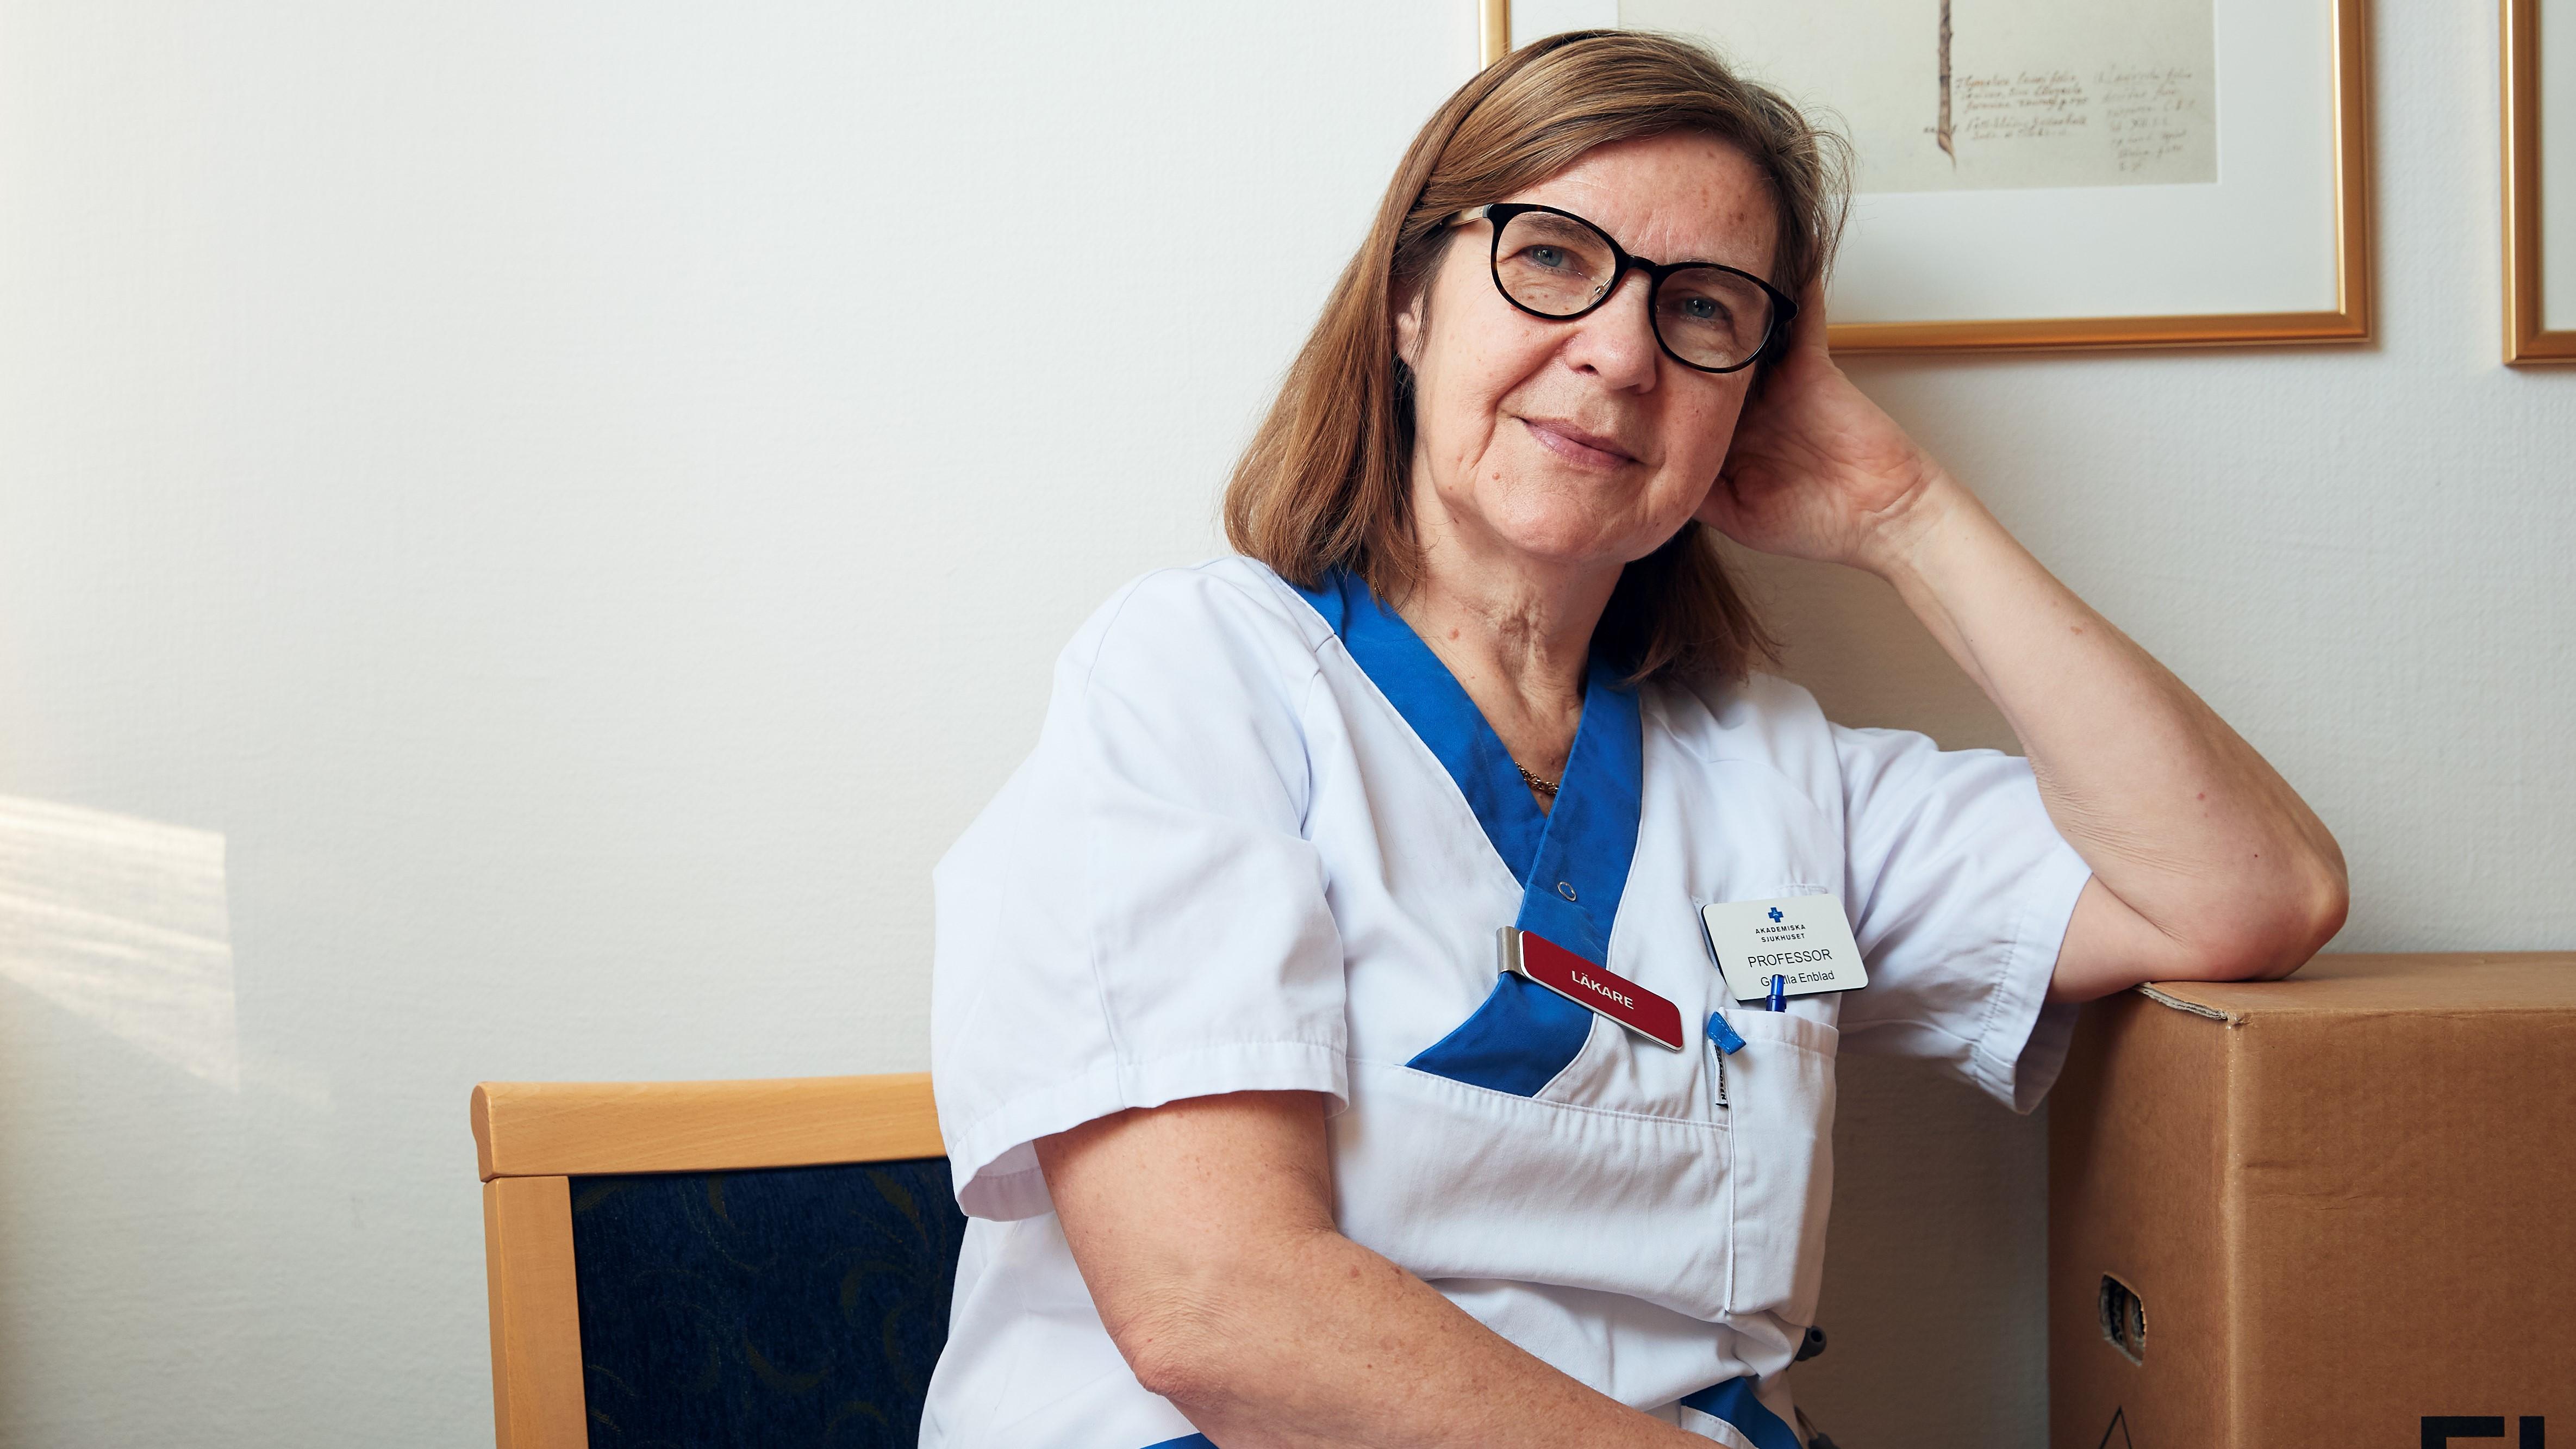 sittande kvinna med sjukhusklädsel